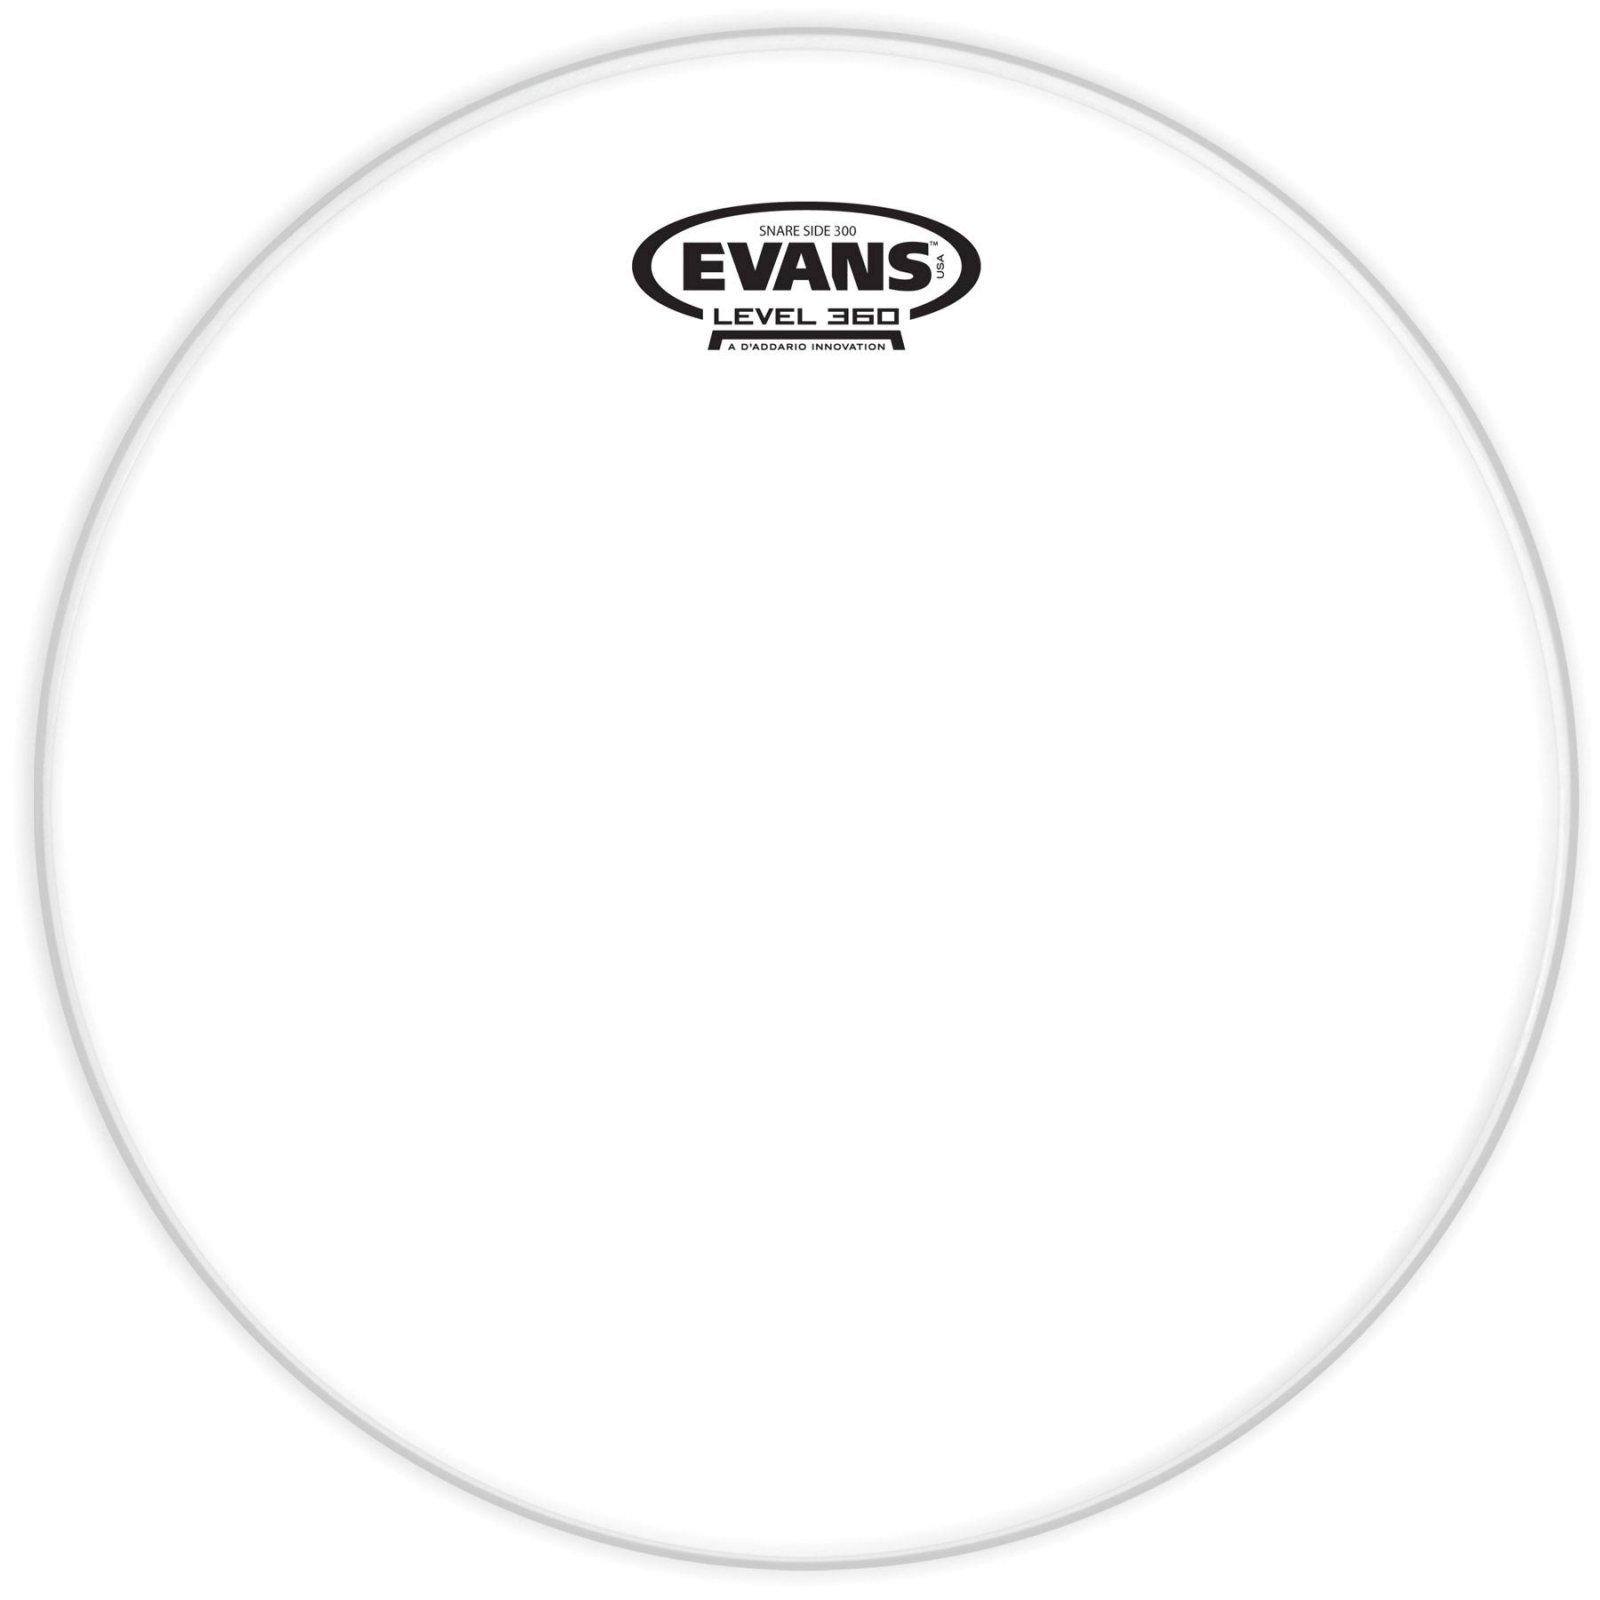 Evans 13 Snare Side 300